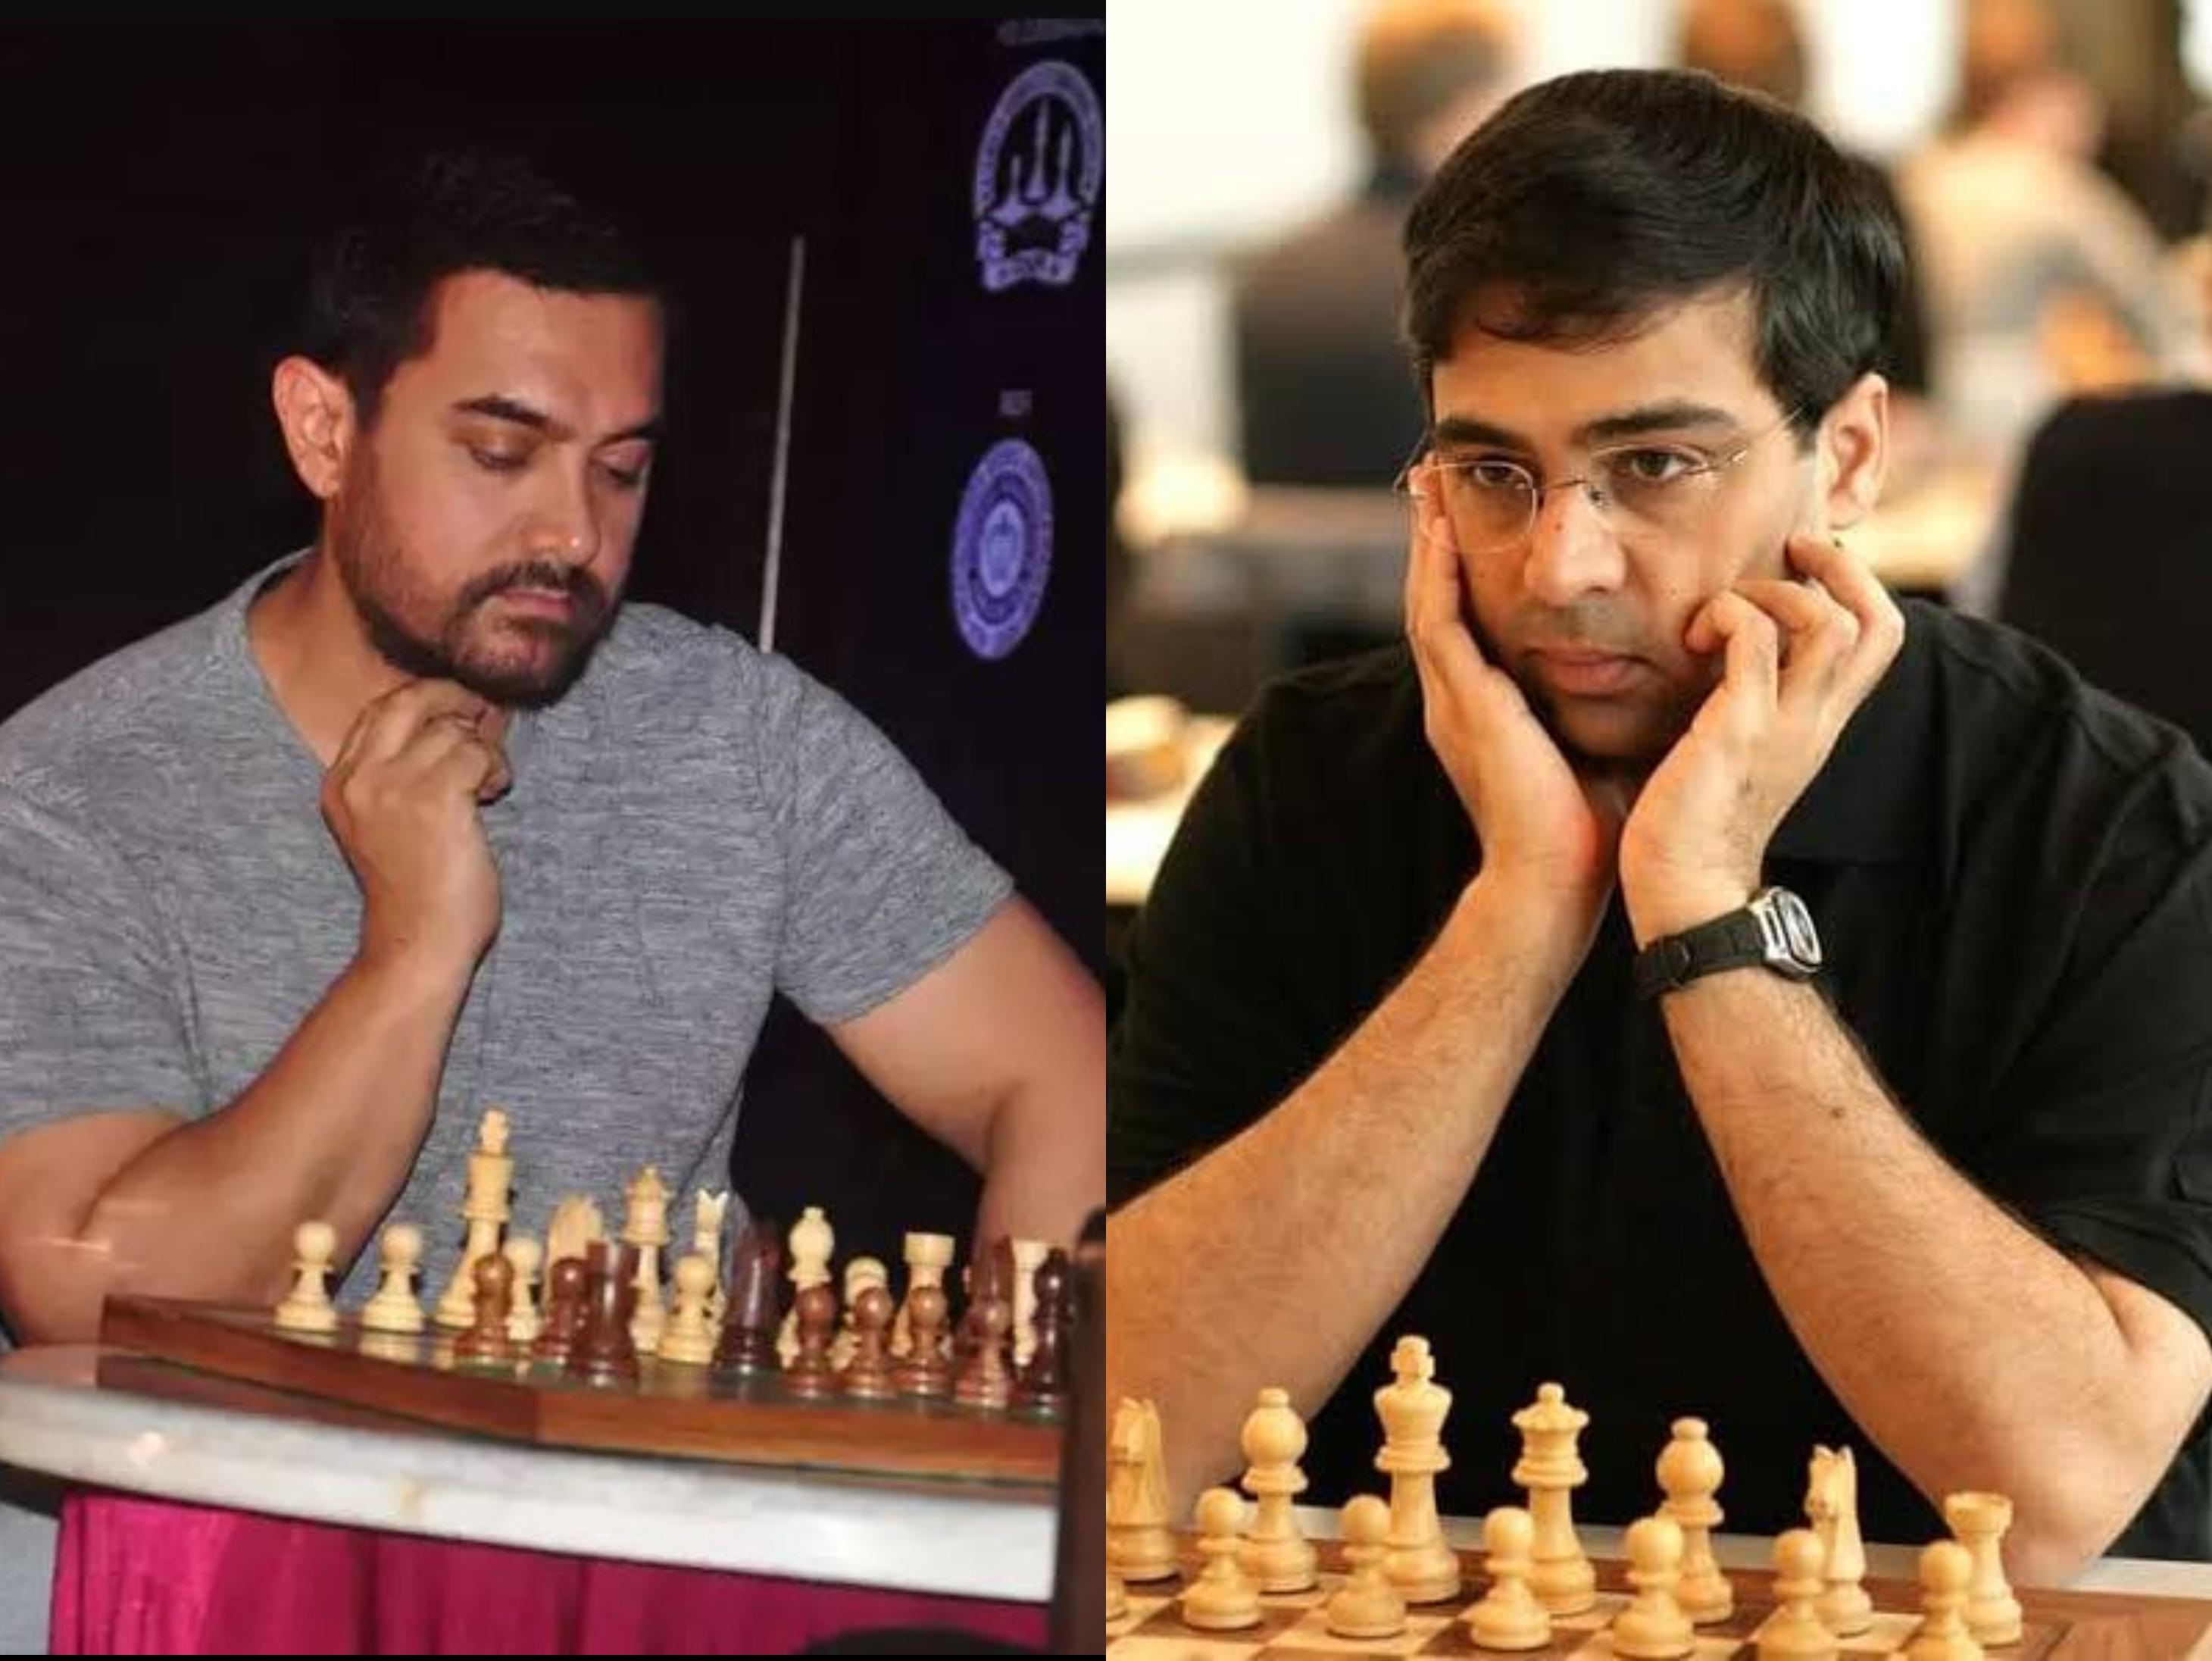 आमिर खान को शतरंज भी पसंद और ग्रैंड मास्टर भी, विश्वनाथन आनंद बोले-वादा करता हूं रोल के लिए वजन नहीं बढ़ाना पड़ेगा|बॉलीवुड,Bollywood - Dainik Bhaskar